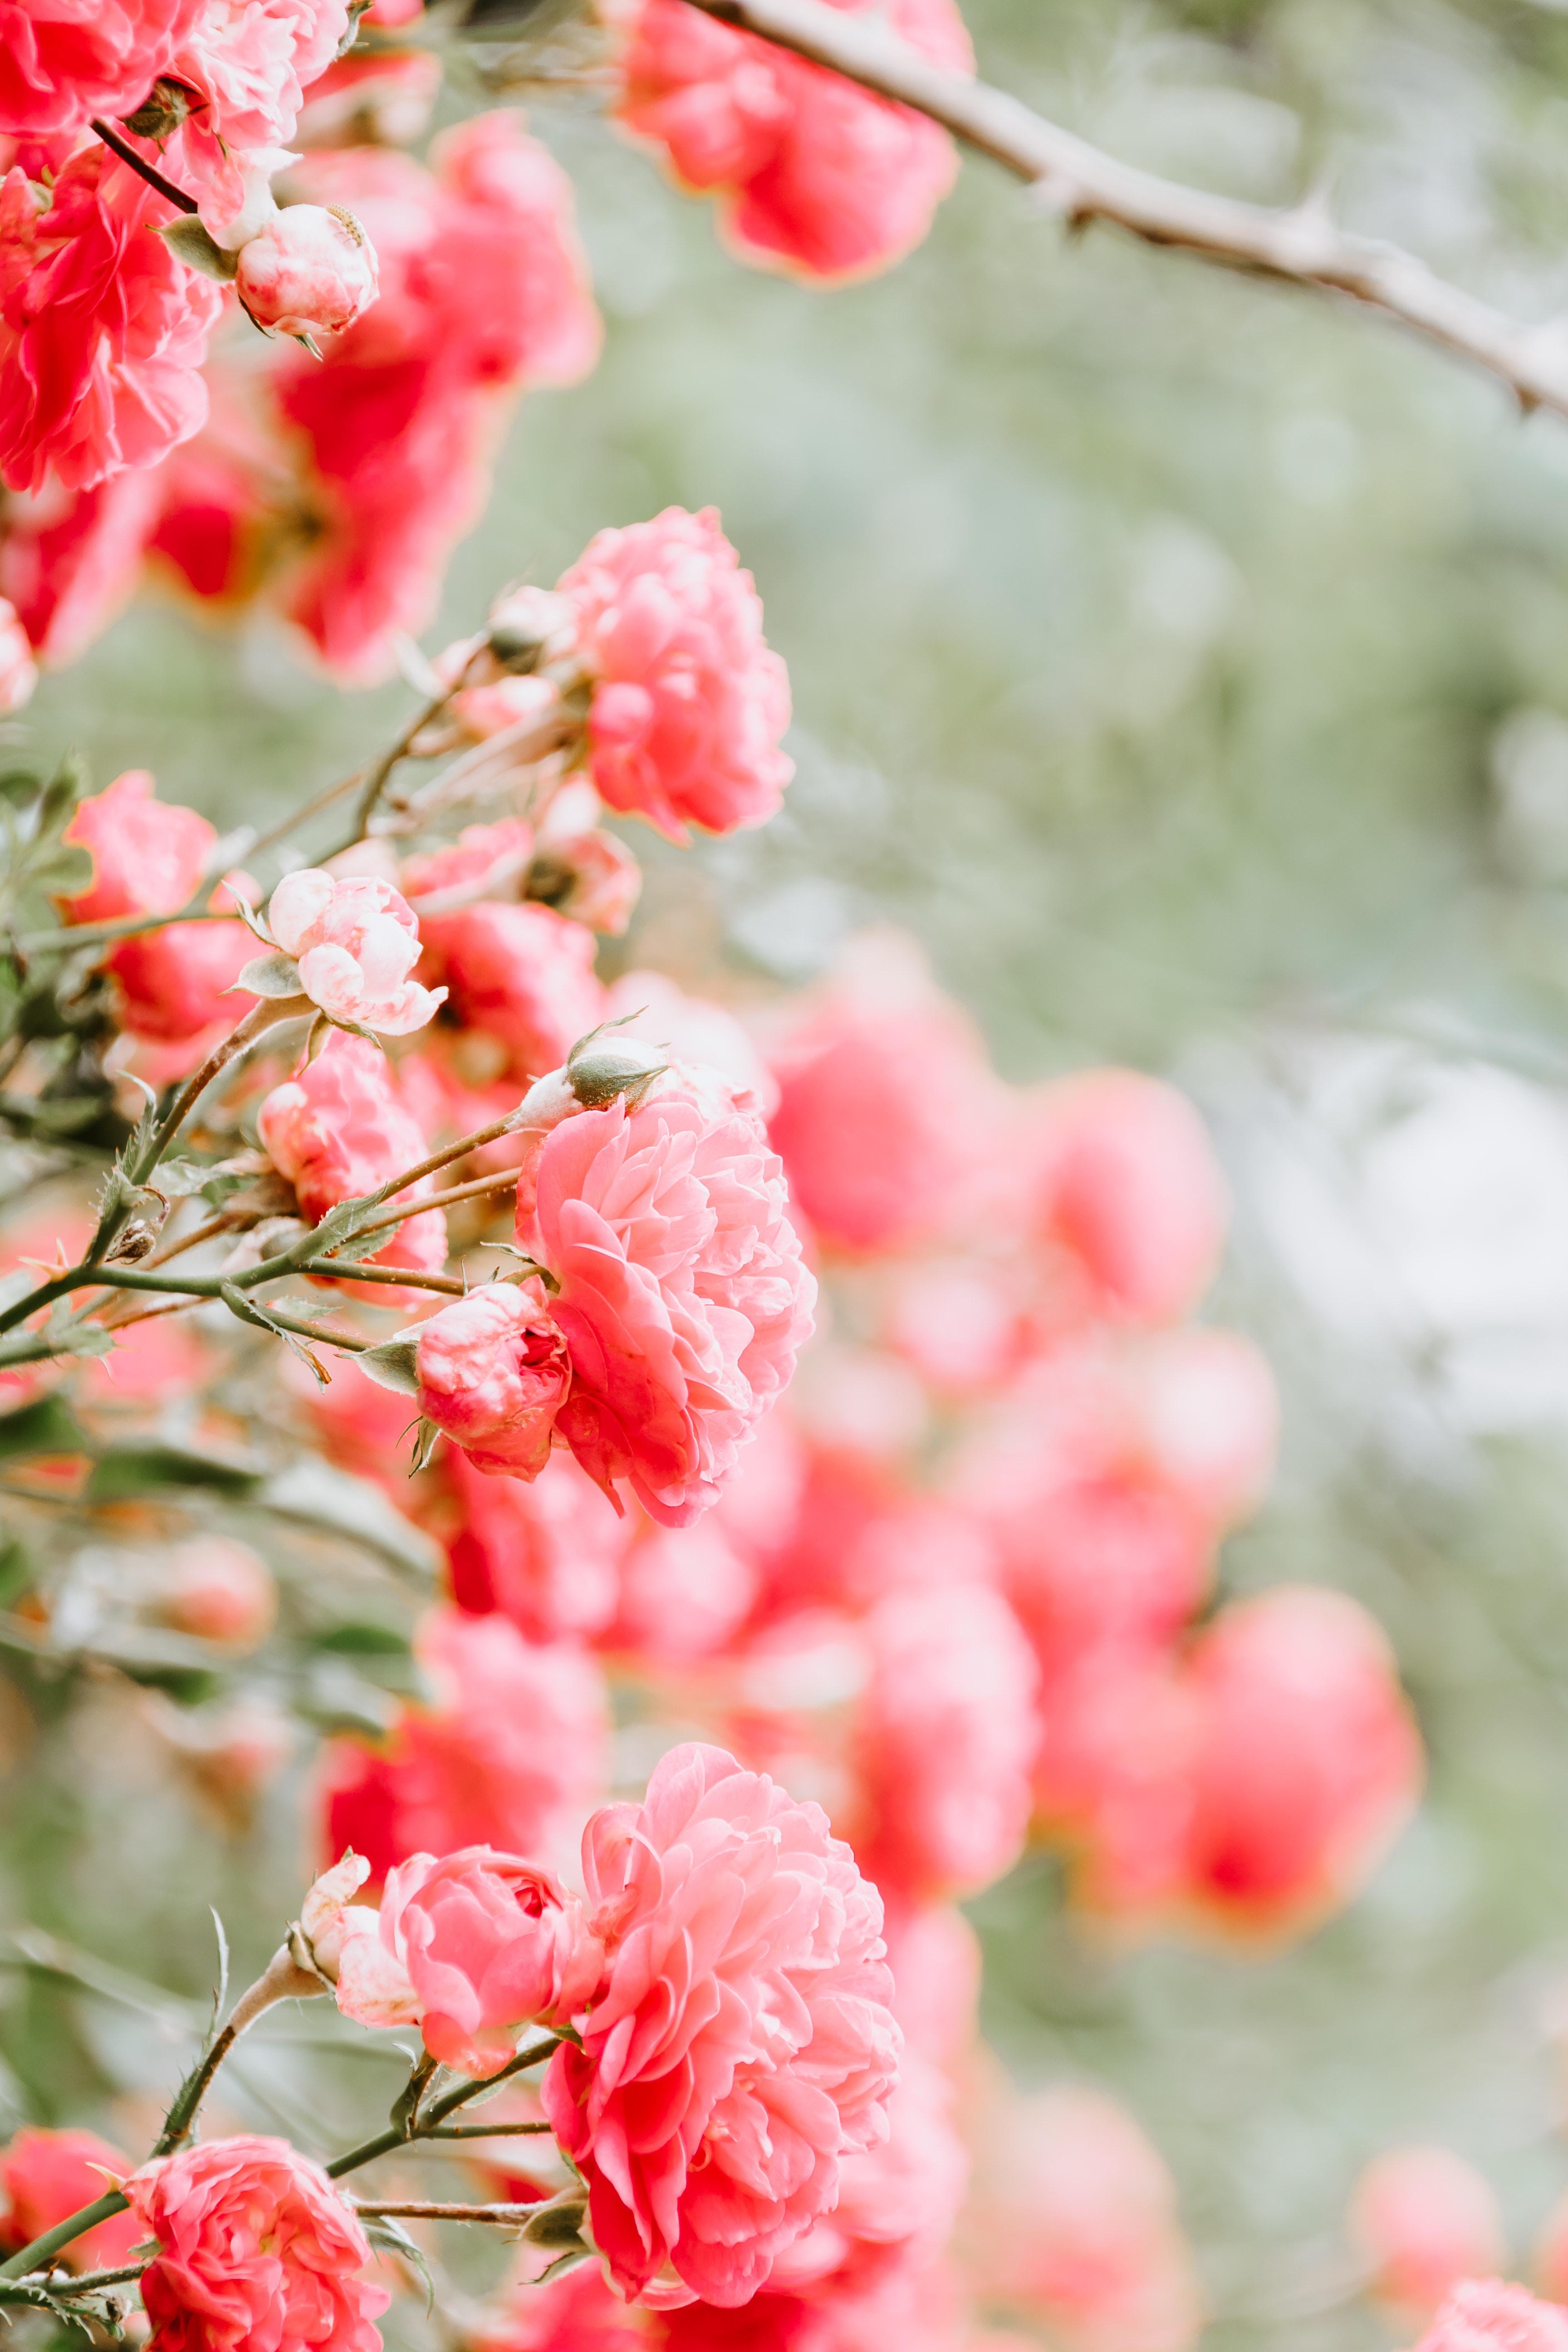 103029 Hintergrundbild herunterladen Blumen, Roses, Rosa, Bush, Unschärfe, Glatt, Busch, Knospen - Bildschirmschoner und Bilder kostenlos